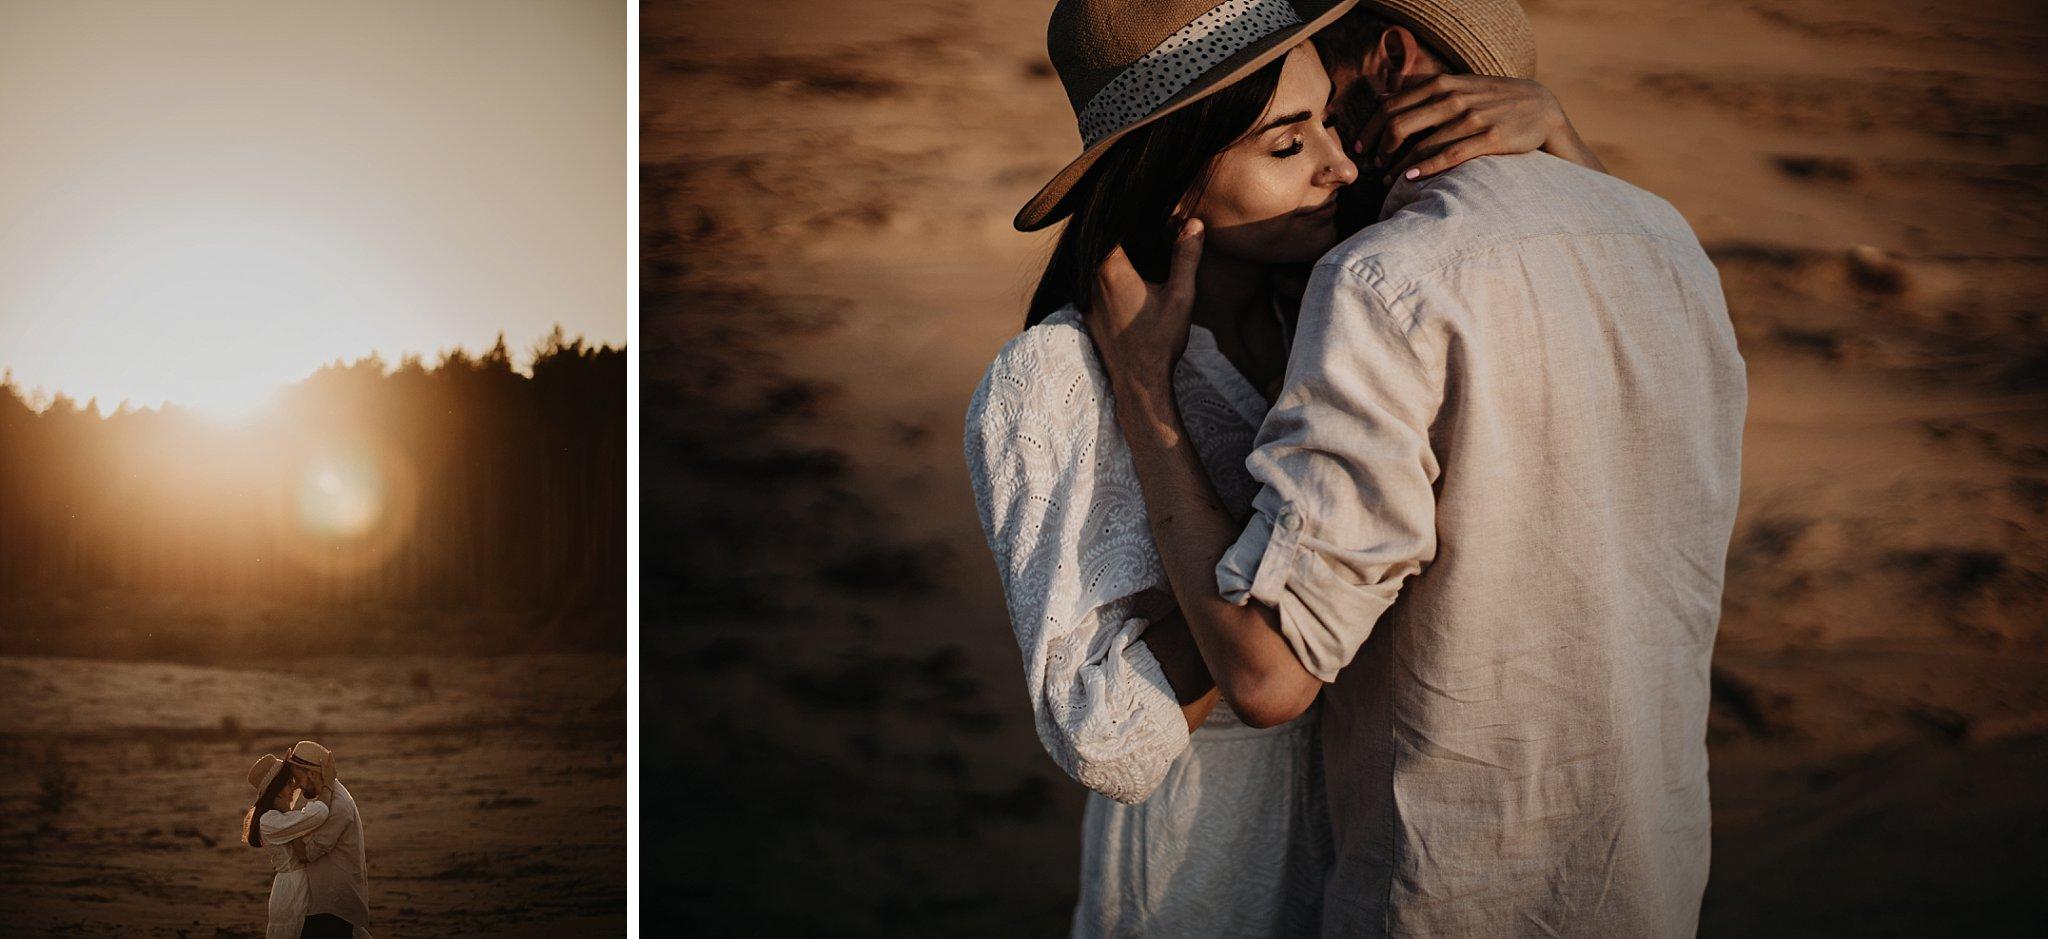 piekna sesja narzeczenska rustykalna romantyczna sesja na pustyni sesja zdjeciowa poznan krugphotography fotograf slubny z poznania fotografia slubna poznan 5700